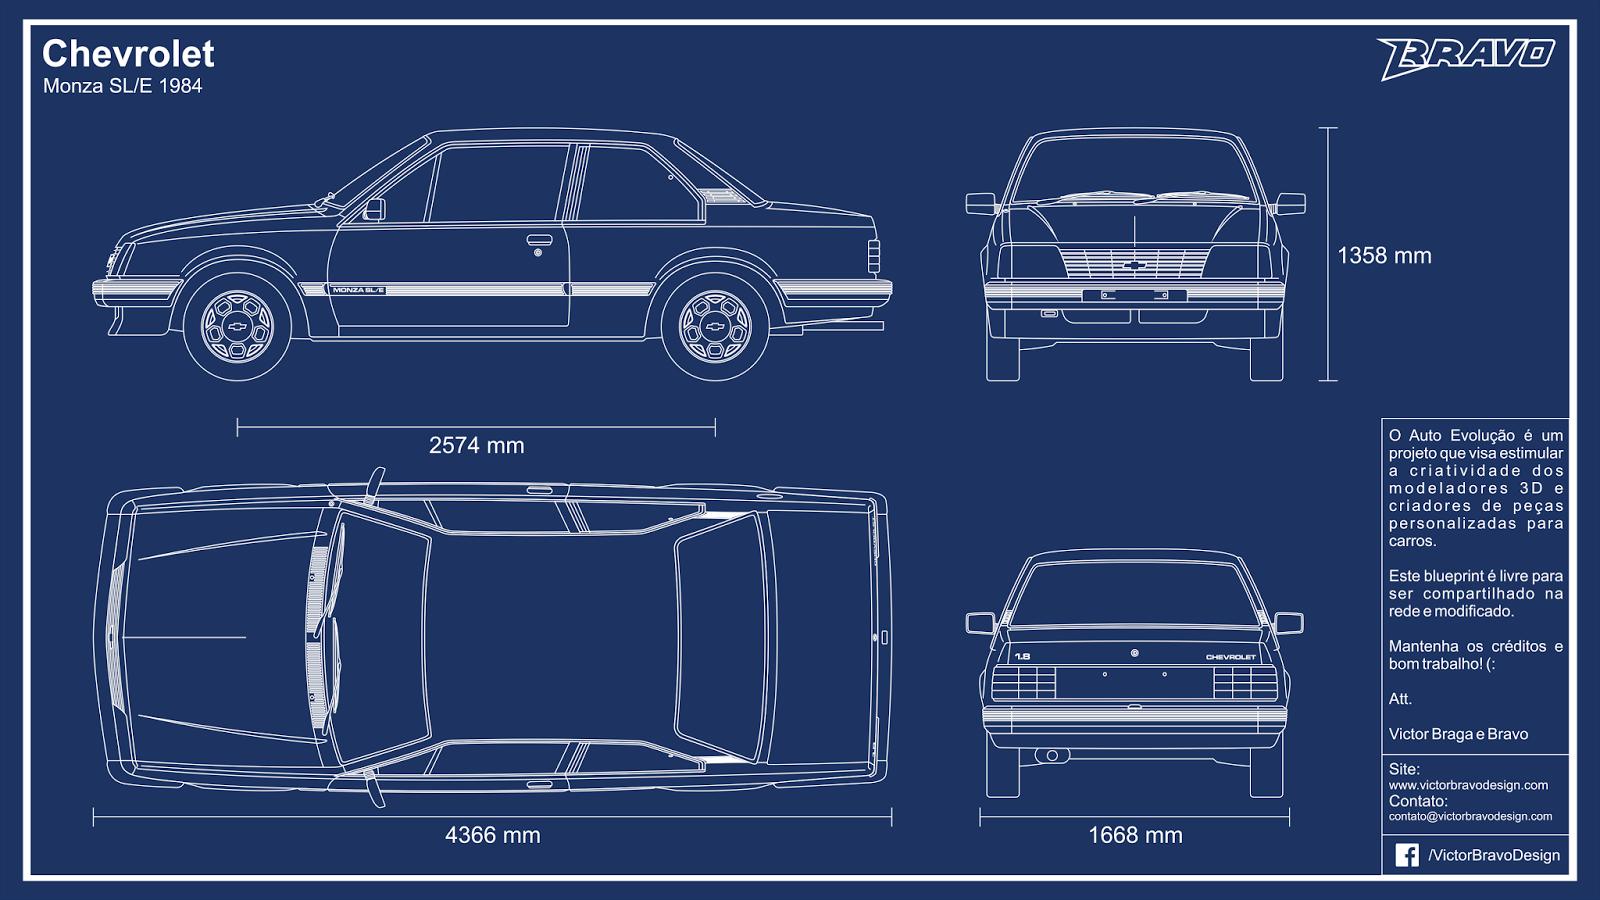 Imagem mostrando o desenho do blueprint do Chevrolet Monza SE/L 1984